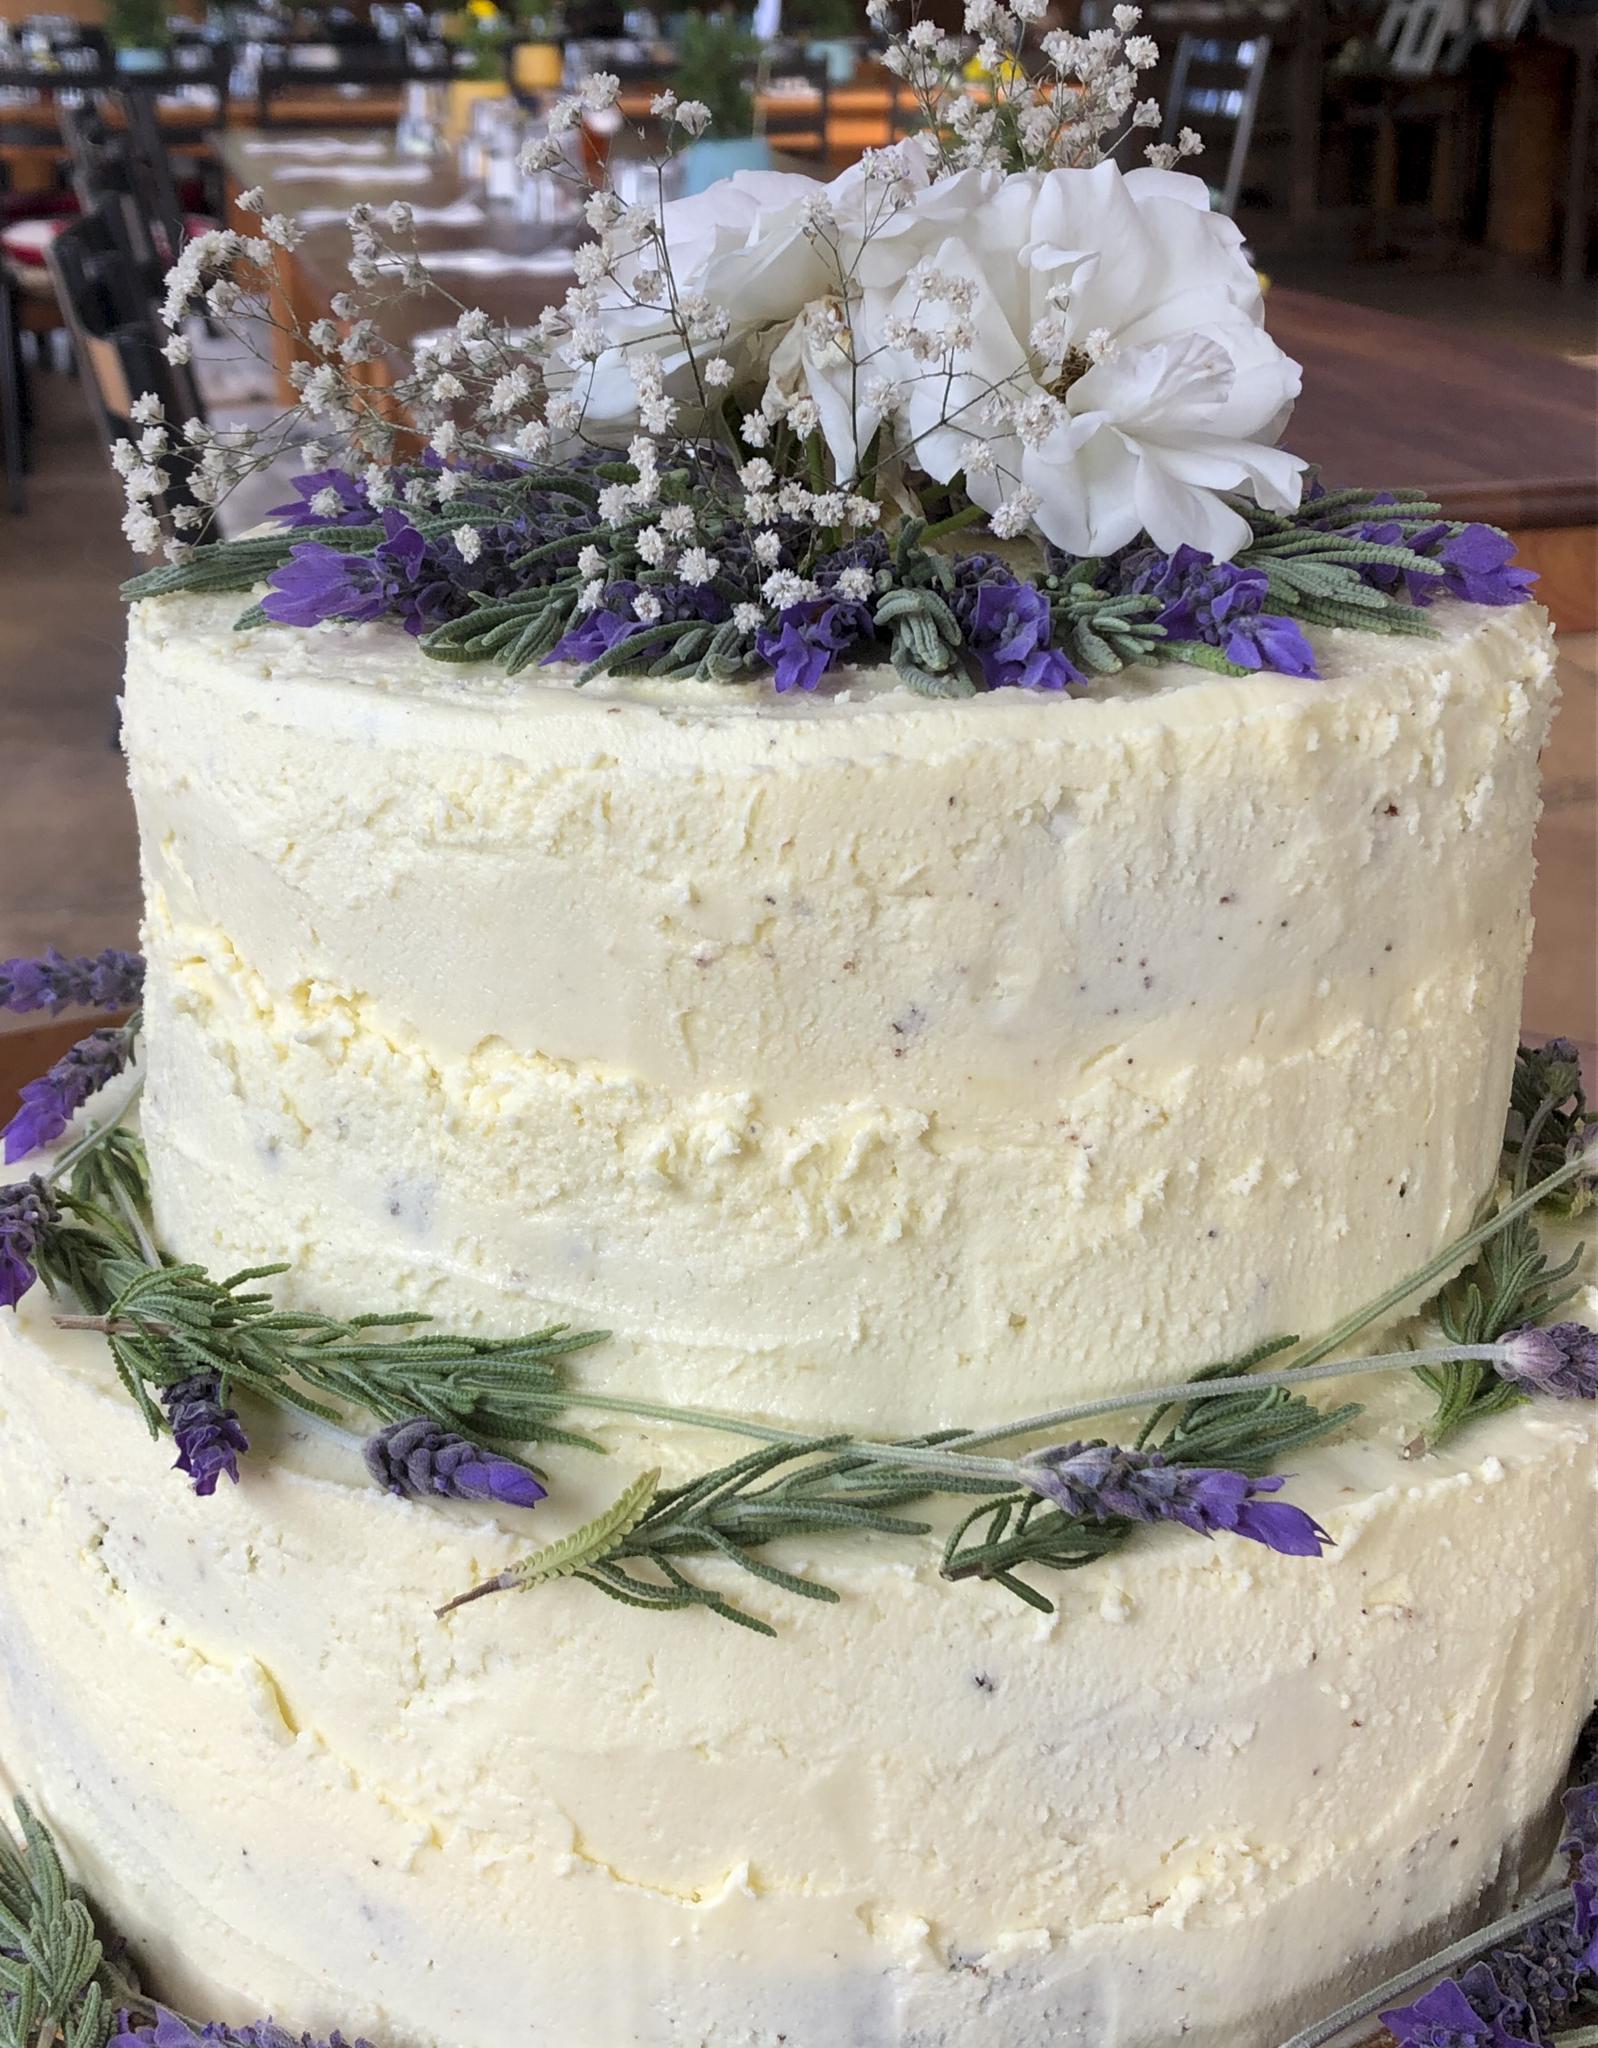 A large wedding cake